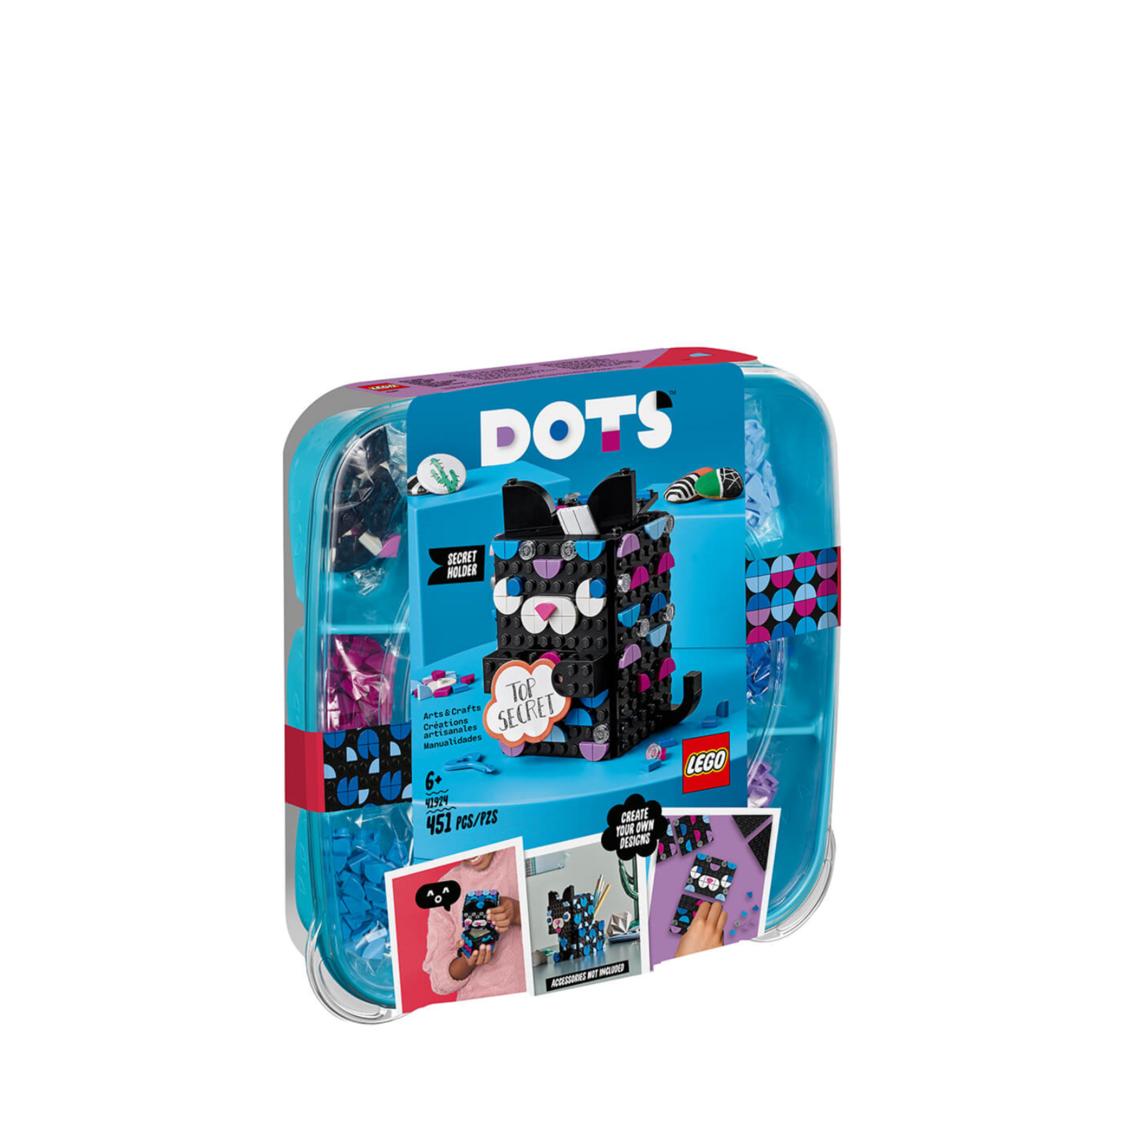 LEGO DOTS - Secret Holder 41924